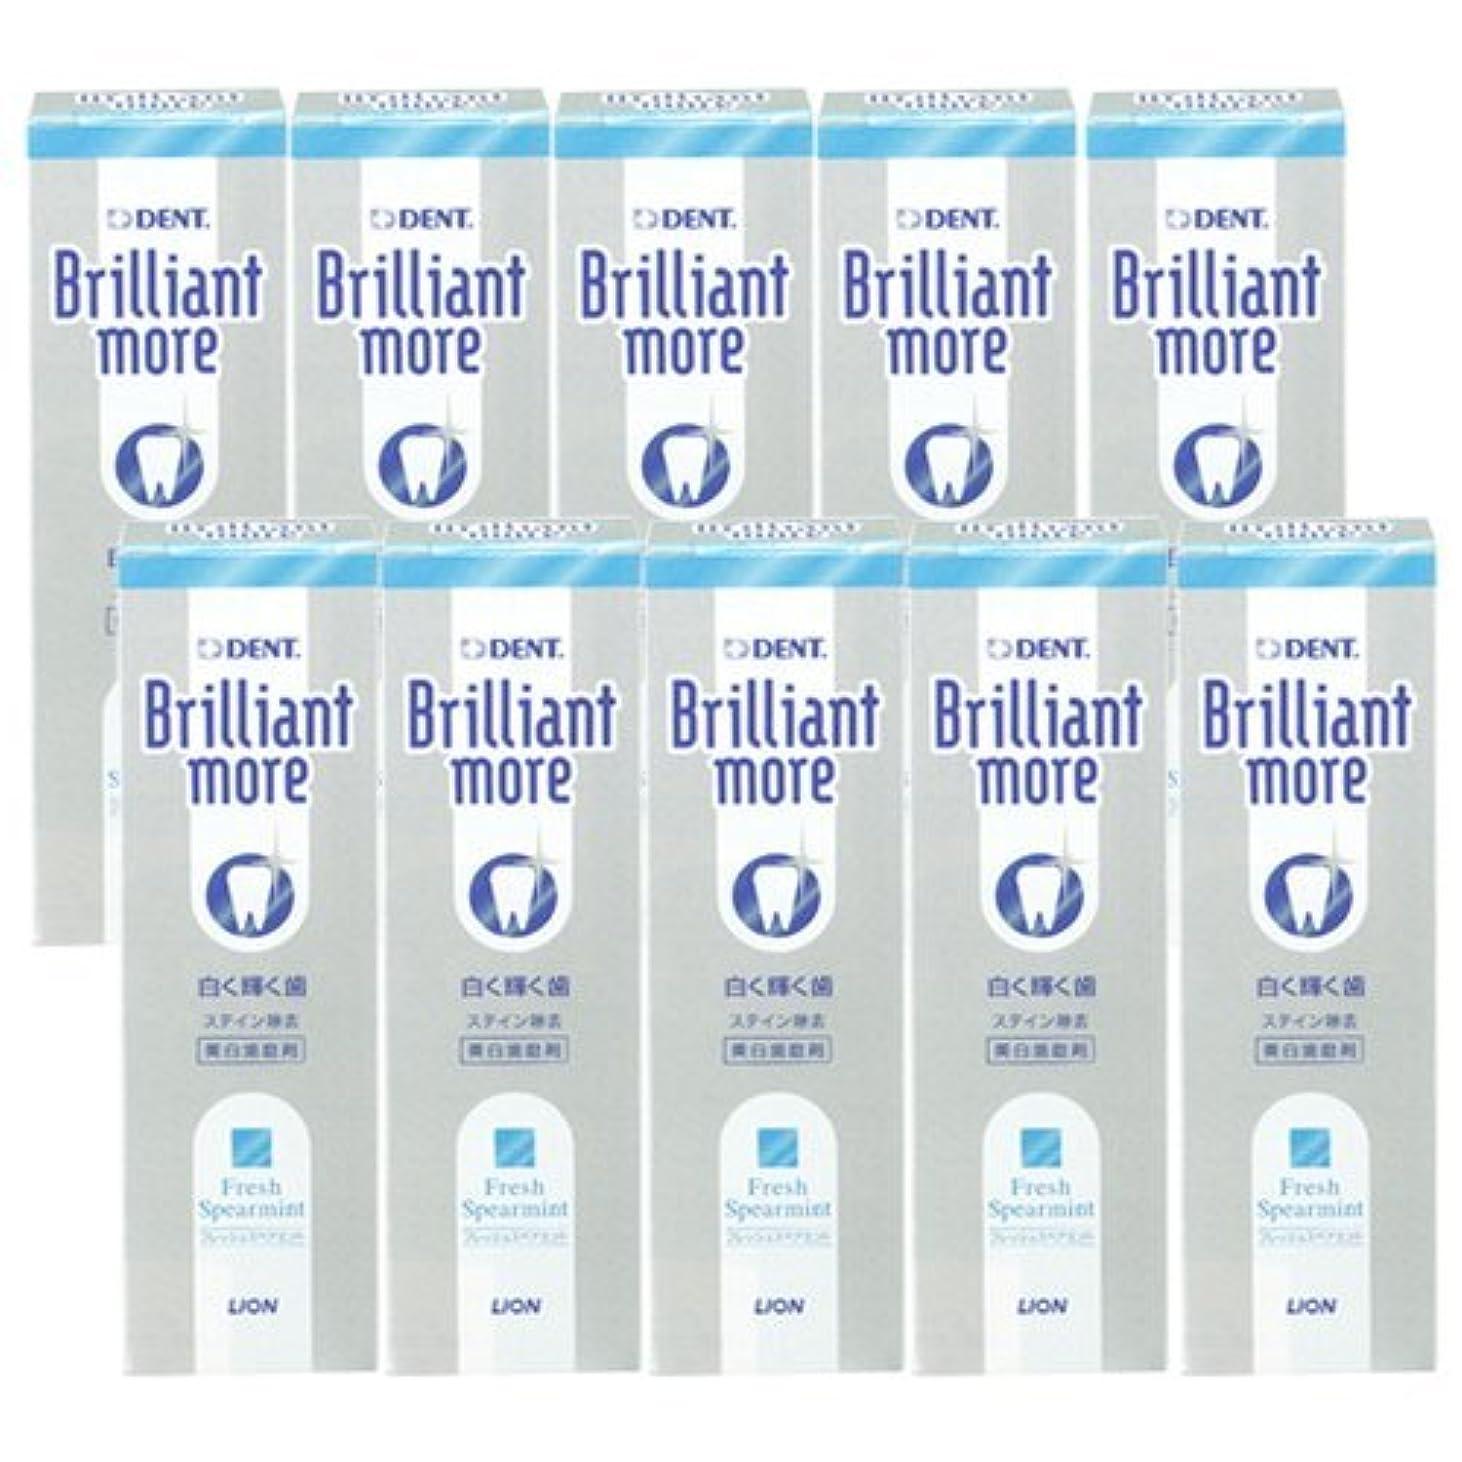 浸したクマノミ酸ライオン ブリリアントモア フレッシュスペアミント 美白歯磨剤 LION Brilliant more 10本セット